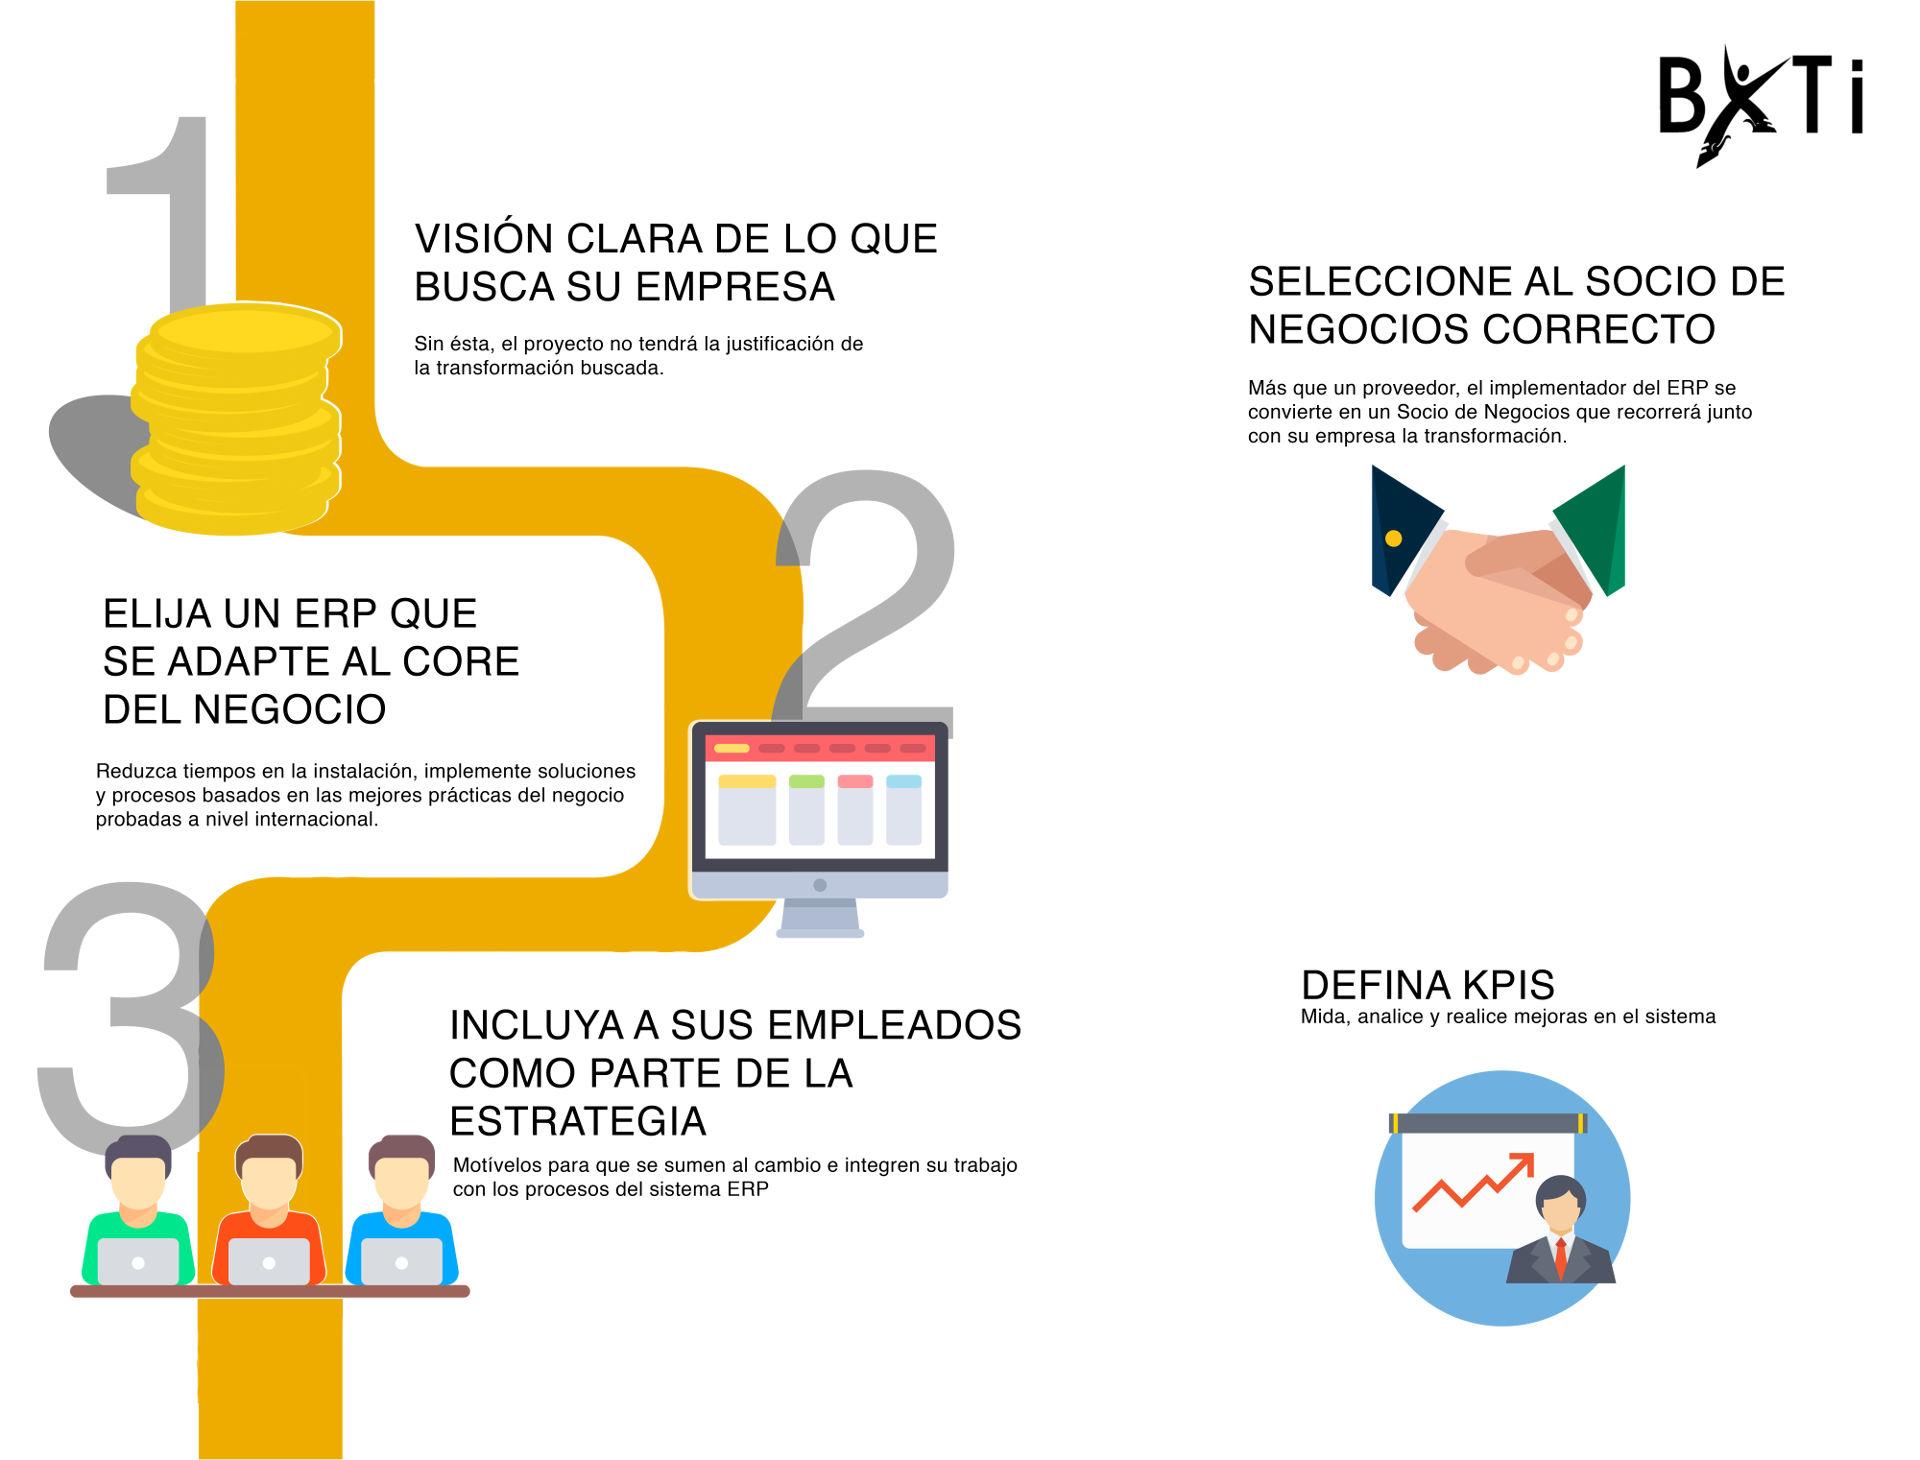 BP 23 BXTi - 3 razones por las cuales se necesita implementar un programa de calidad y productividad en una organización.jpg